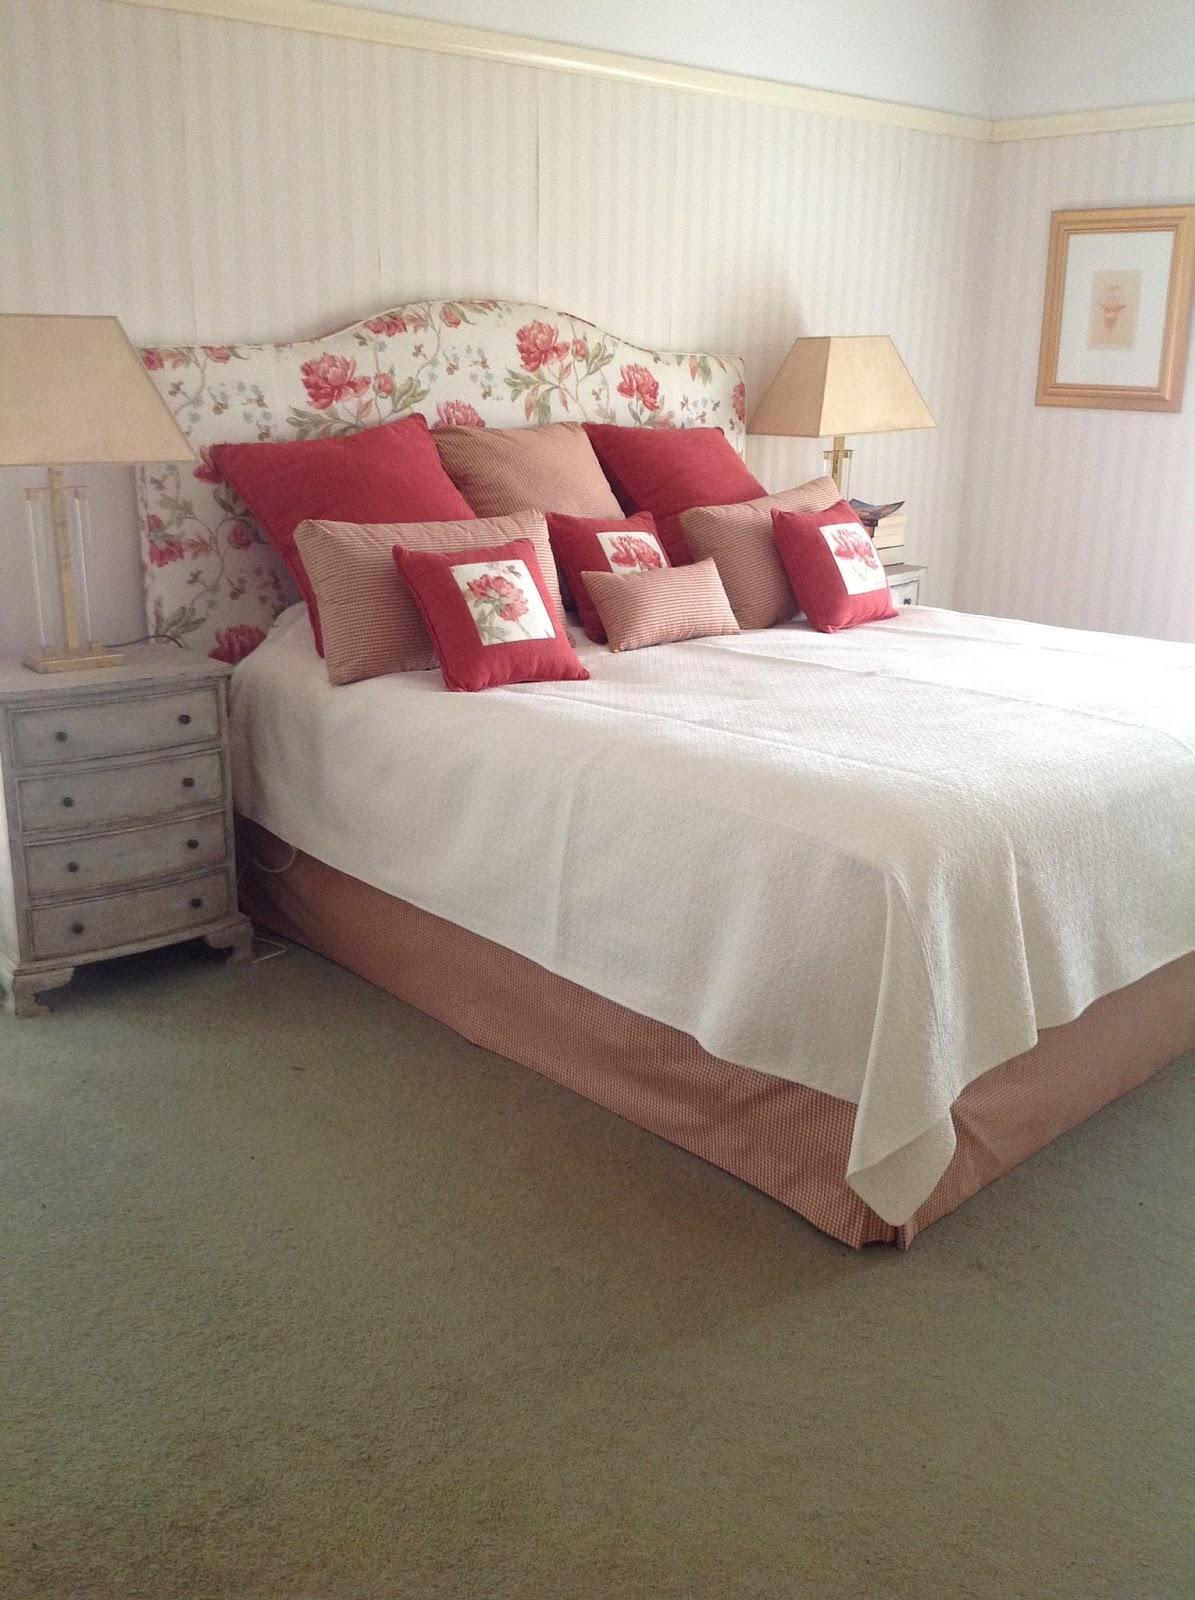 Bed head design bedroom stories for Bedroom bedhead design